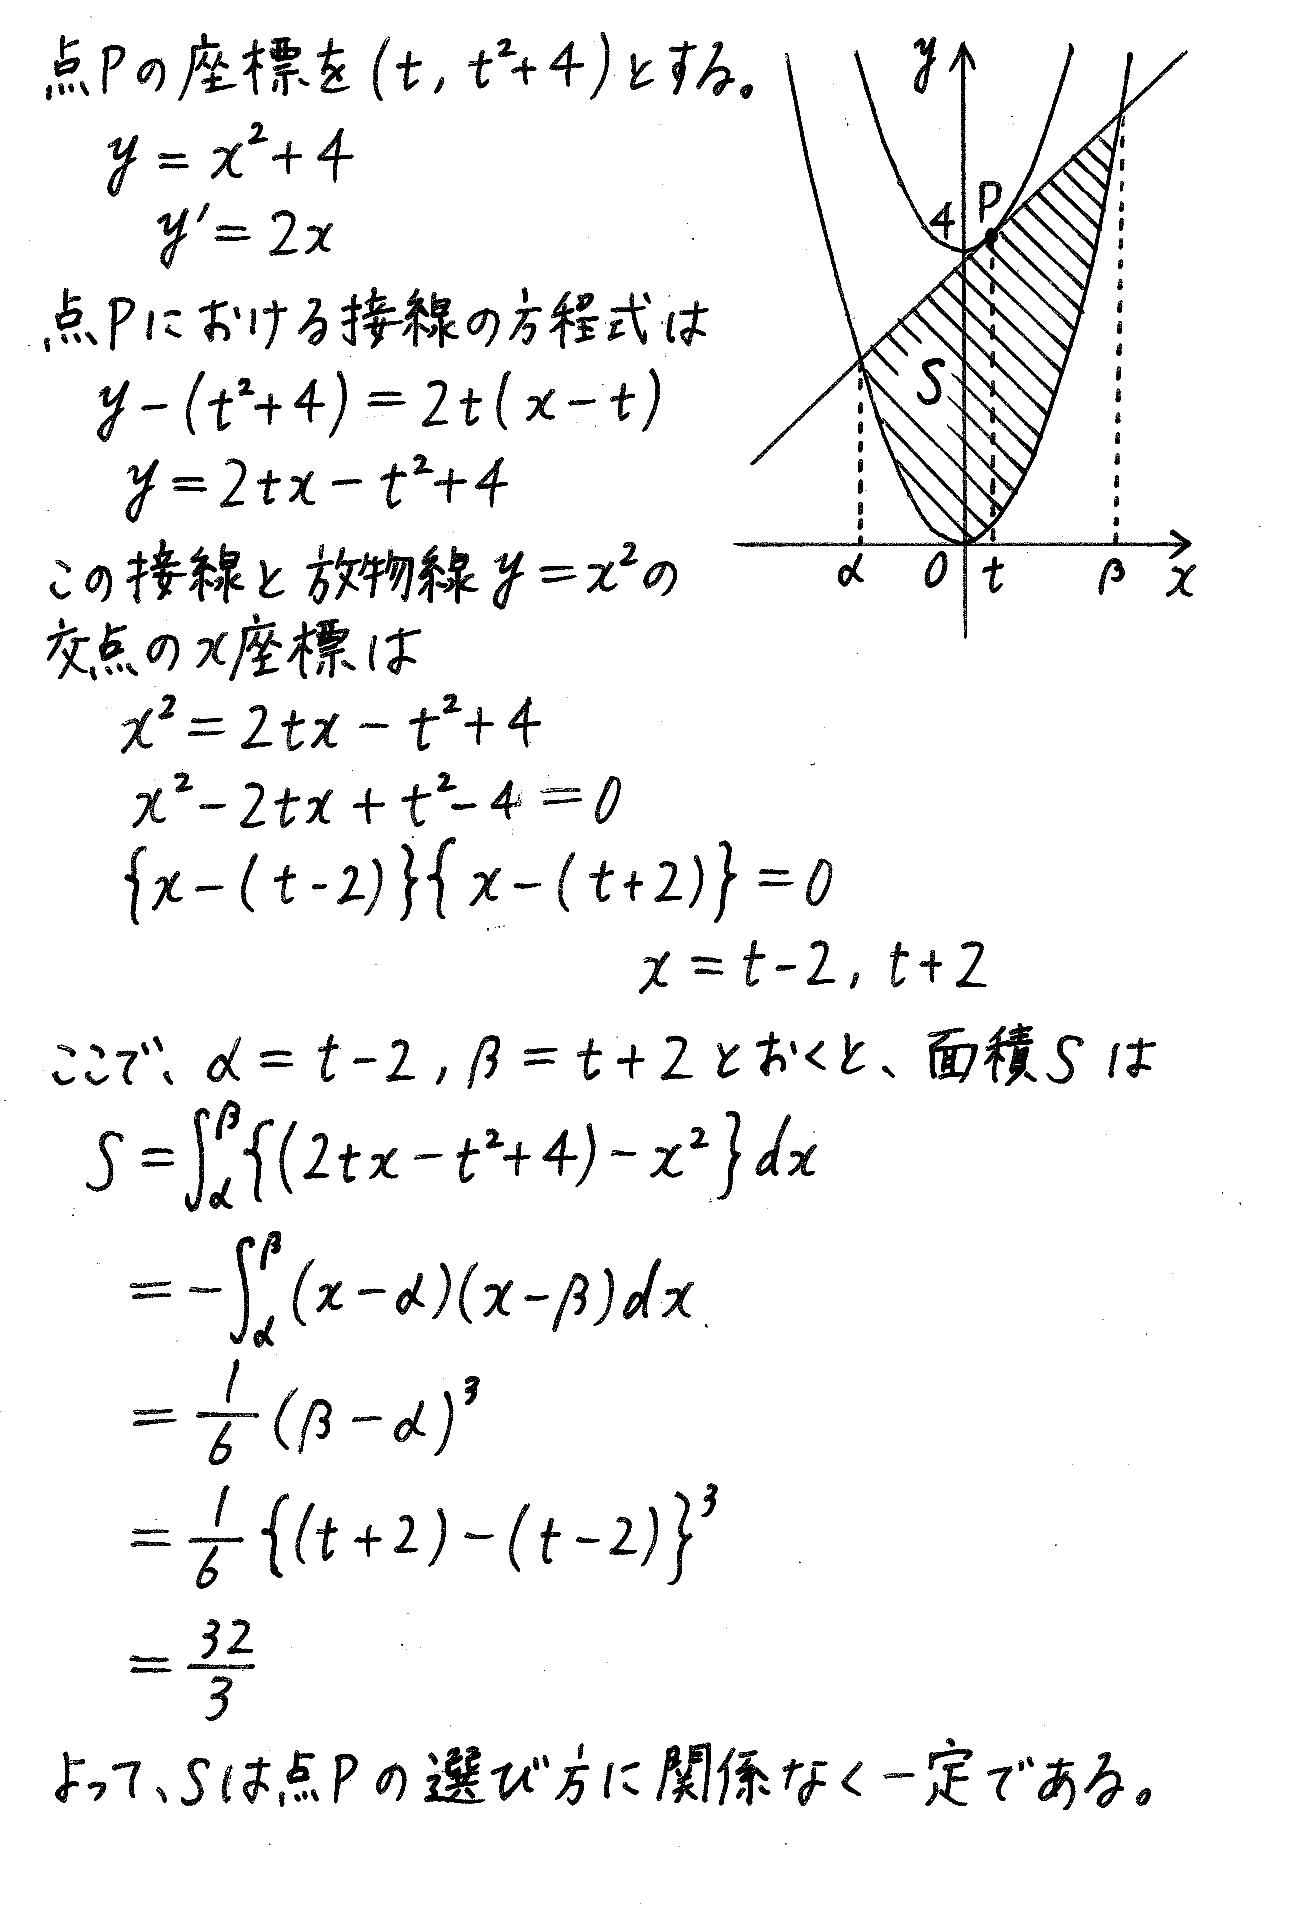 改訂版4プロセス数学2-481解答